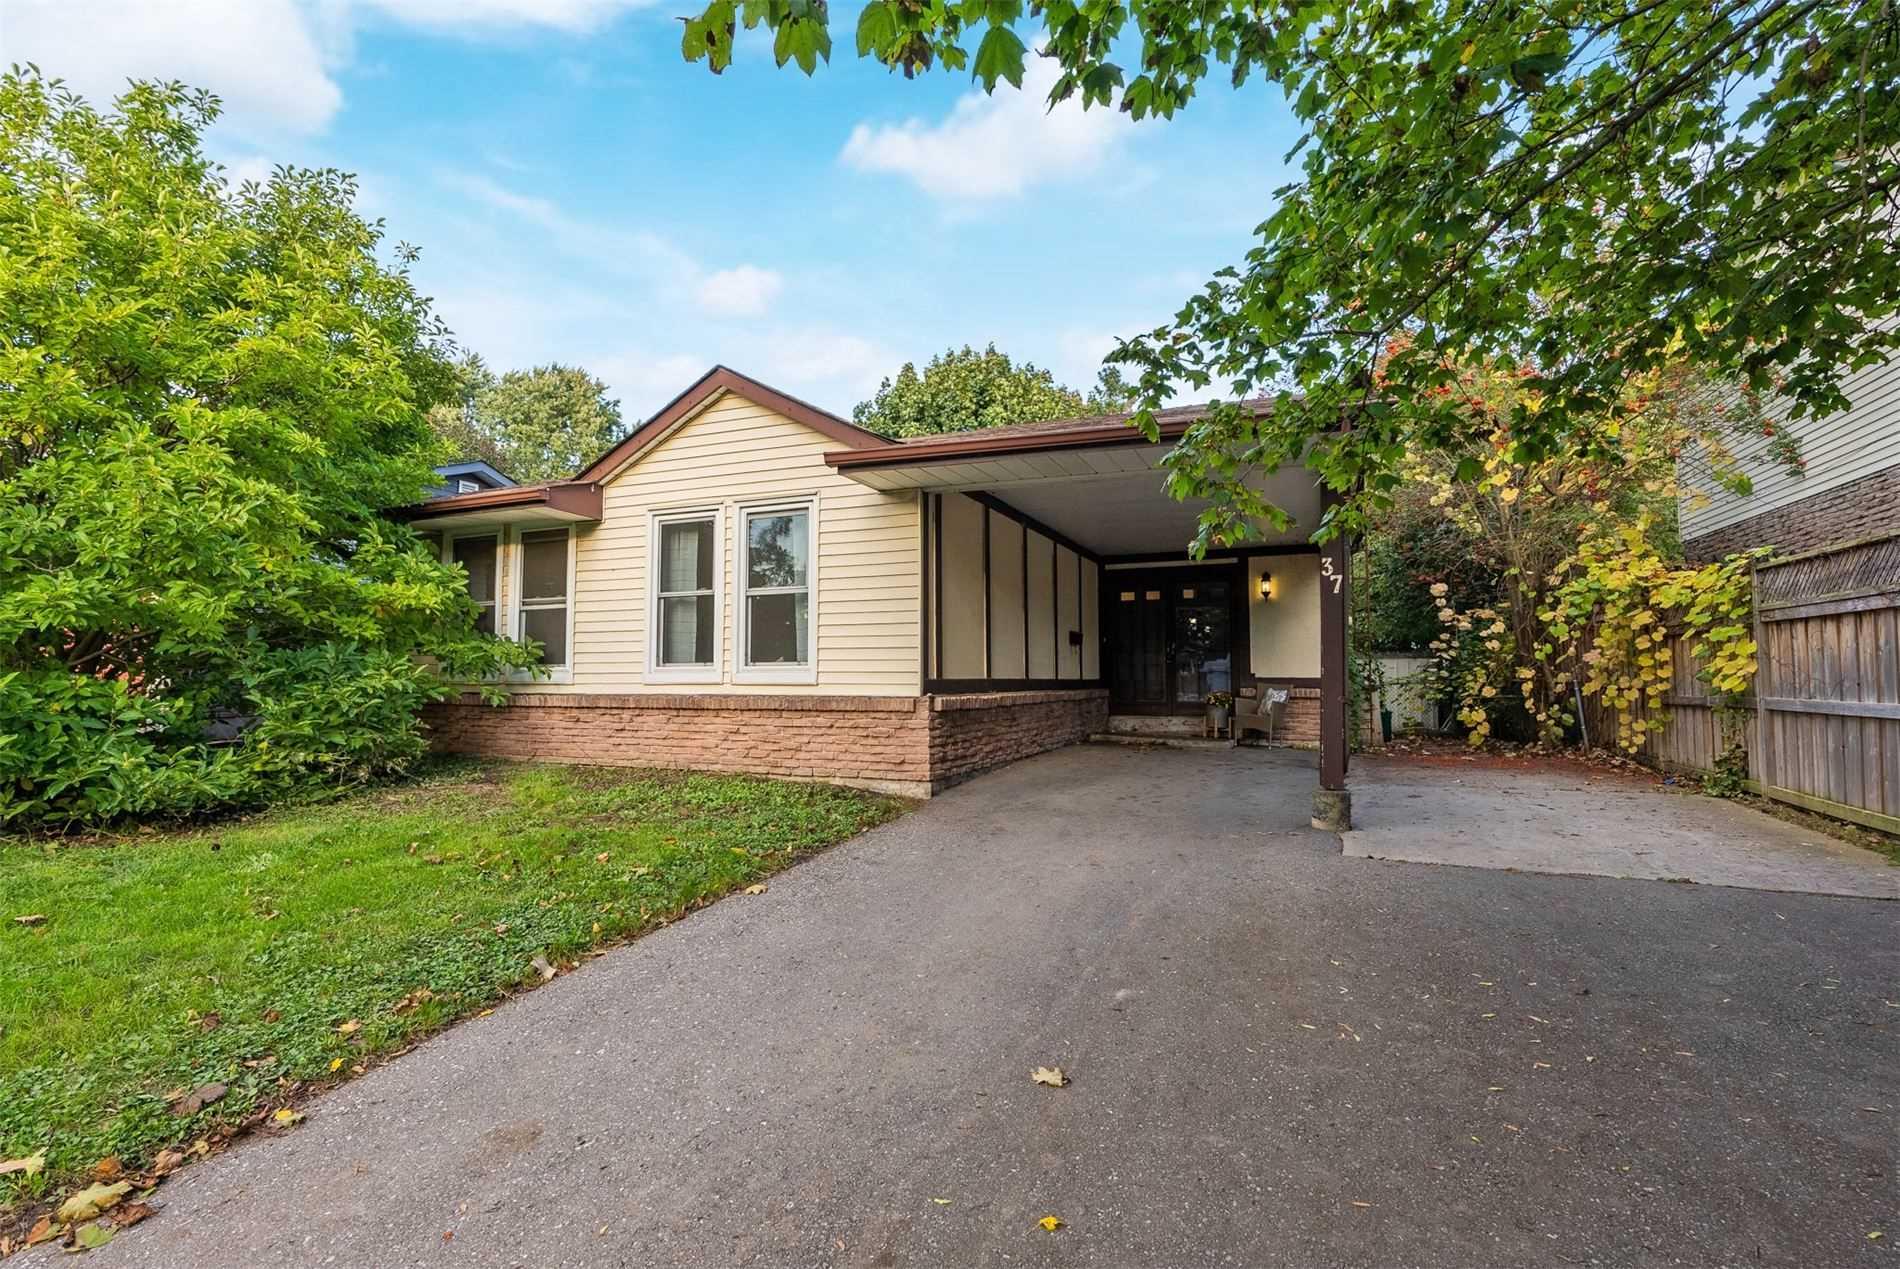 37 Simpson Ave - Bowmanville Detached for sale, 3 Bedrooms (E5409684) - #1